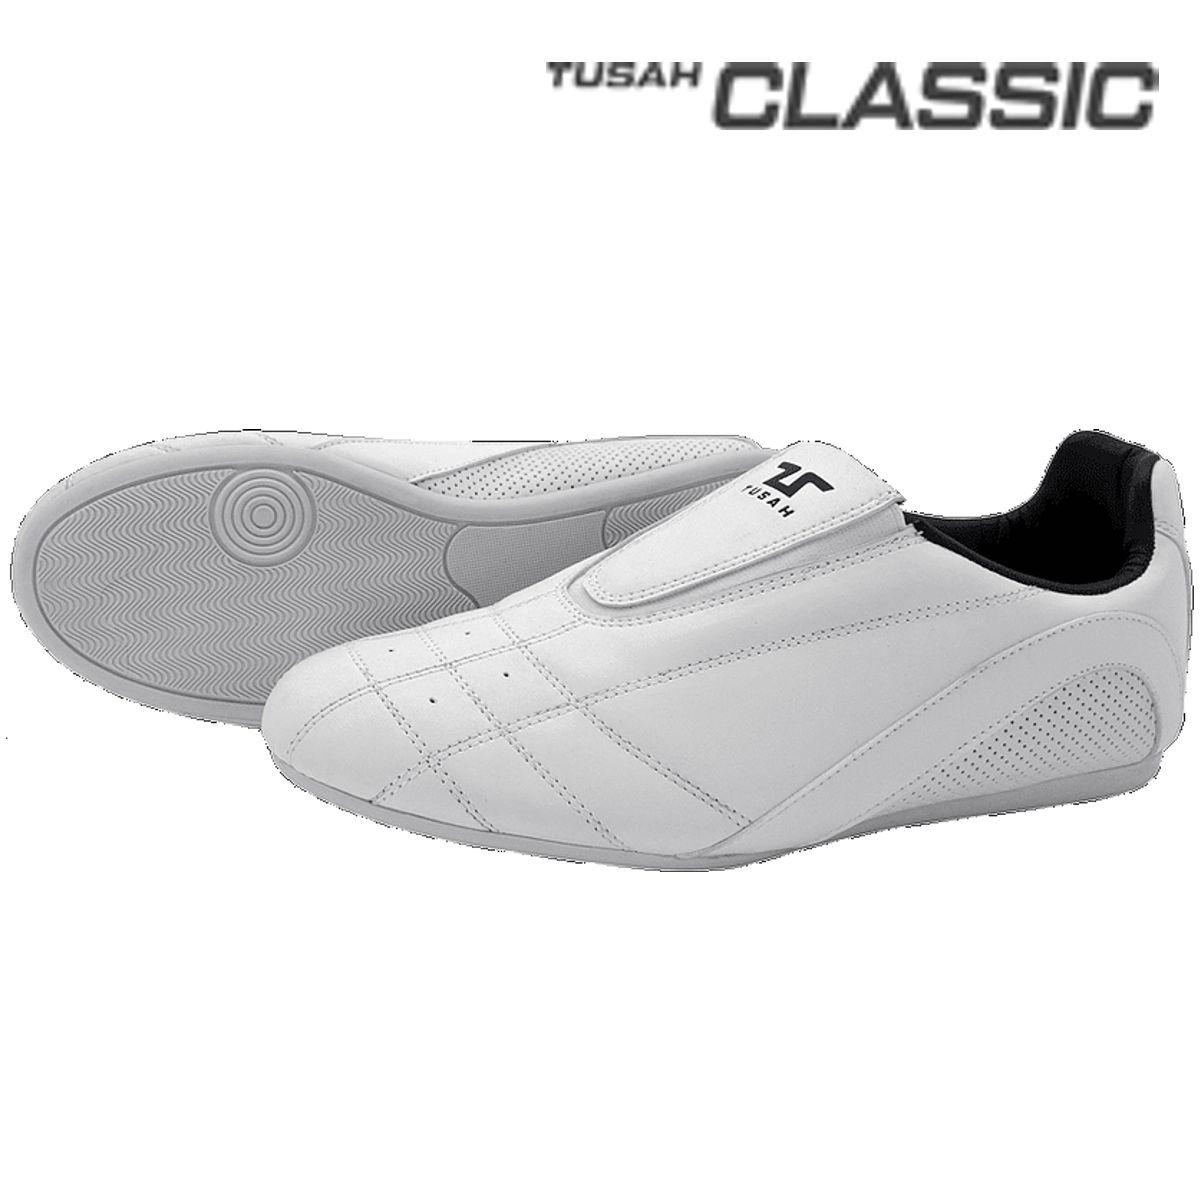 Tusah Classic